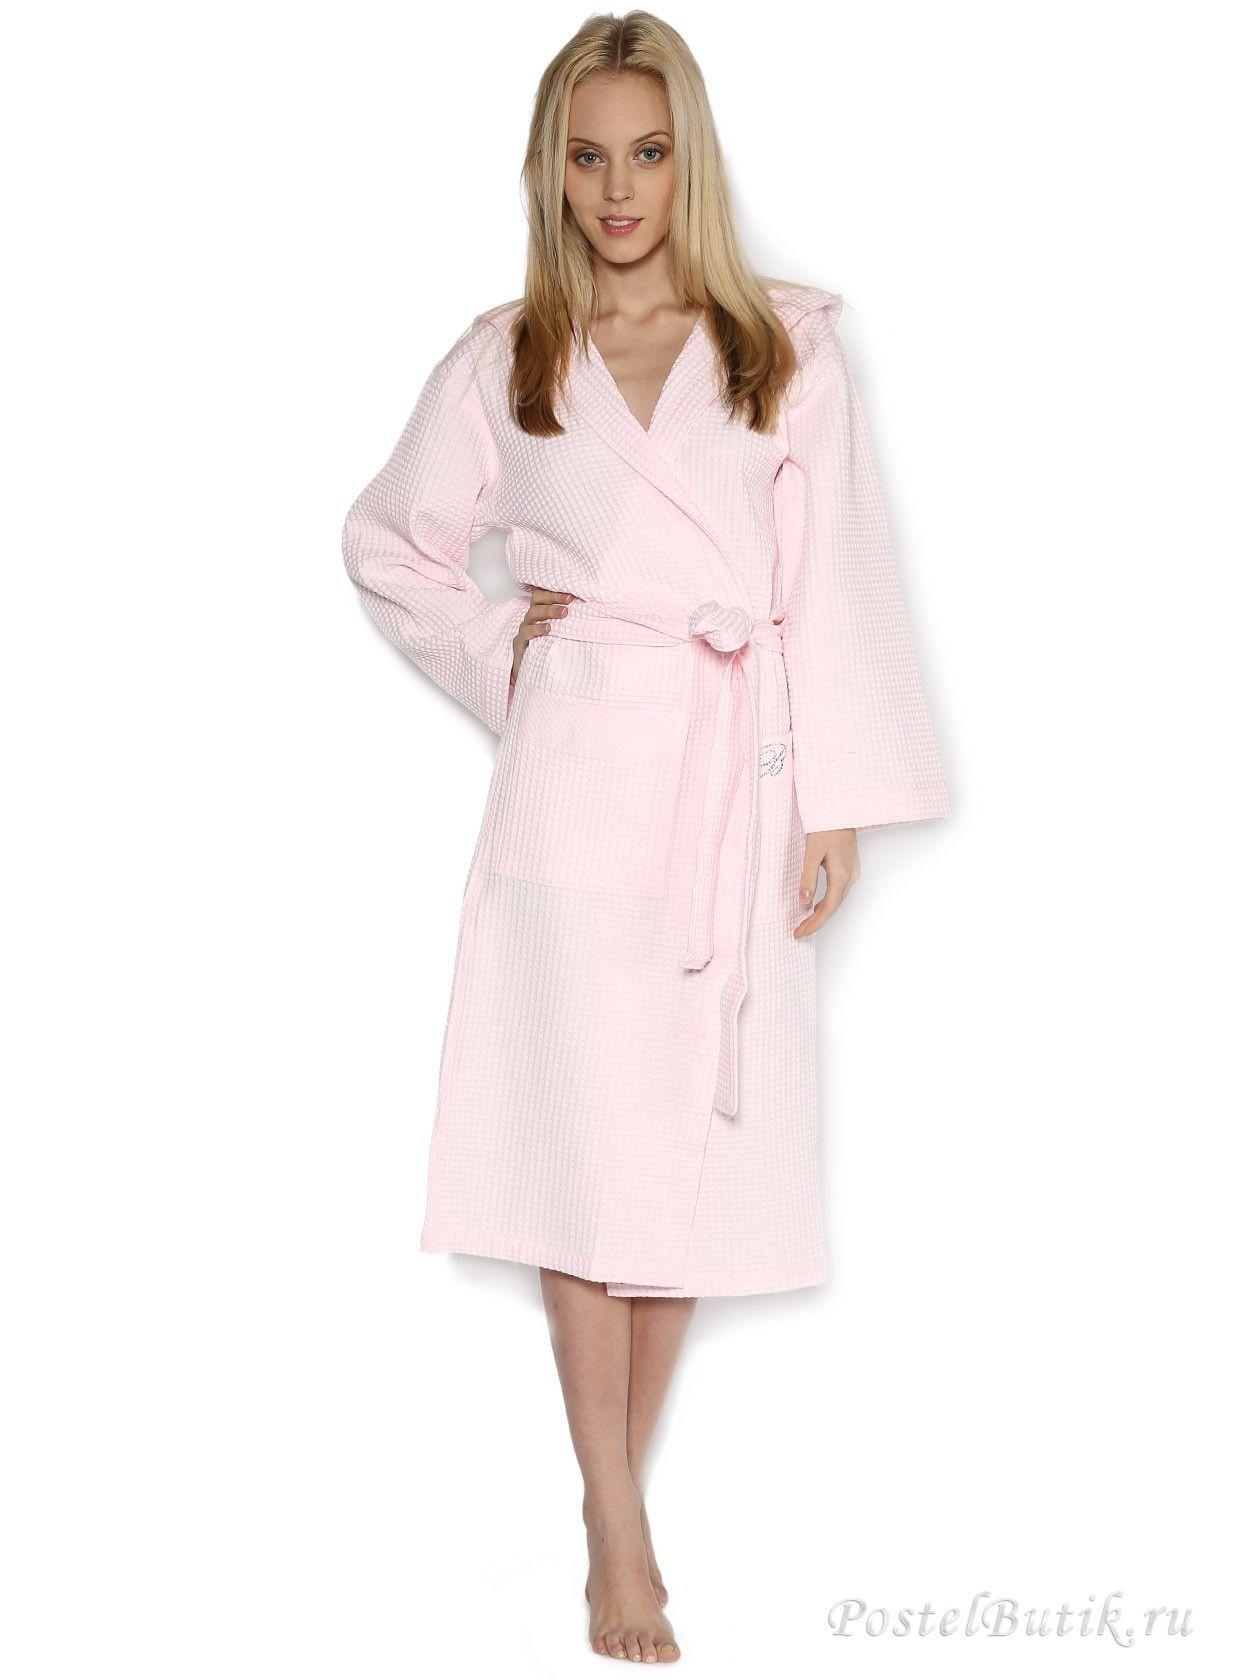 Элитный халат вафельный St. Tropez розовый от Blumarine